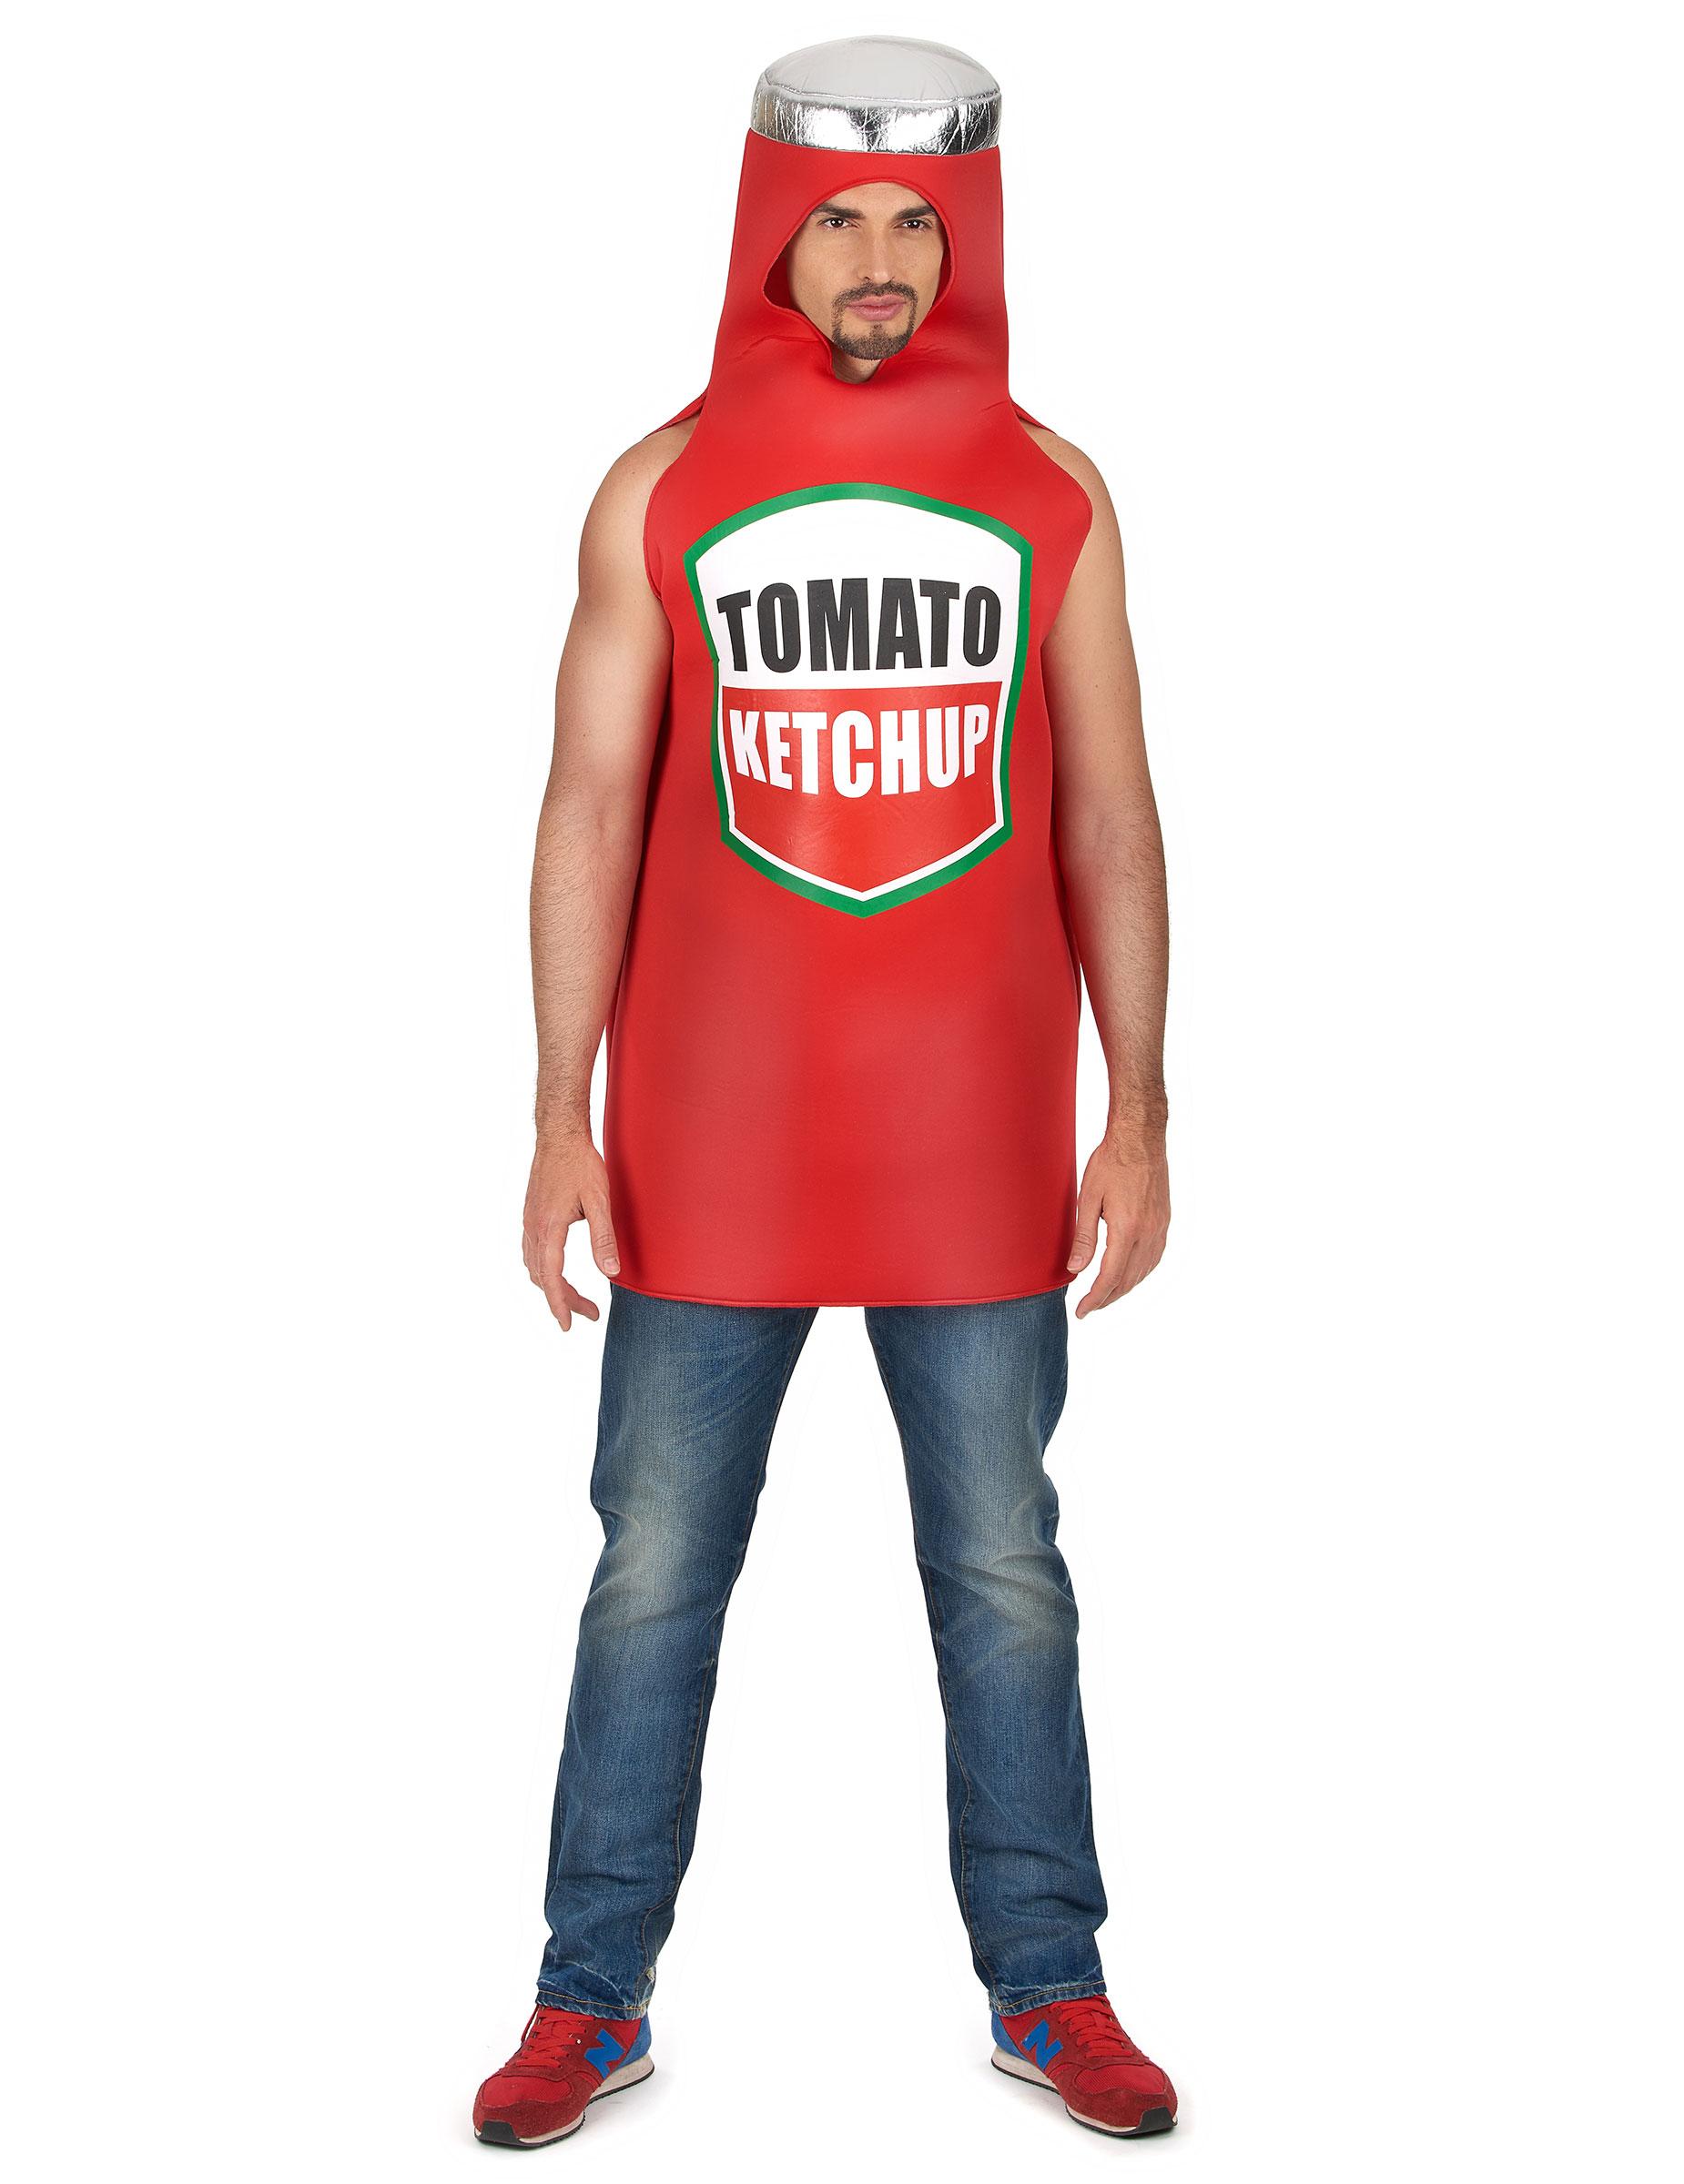 deguisement-ketchup-adulte_232113_6